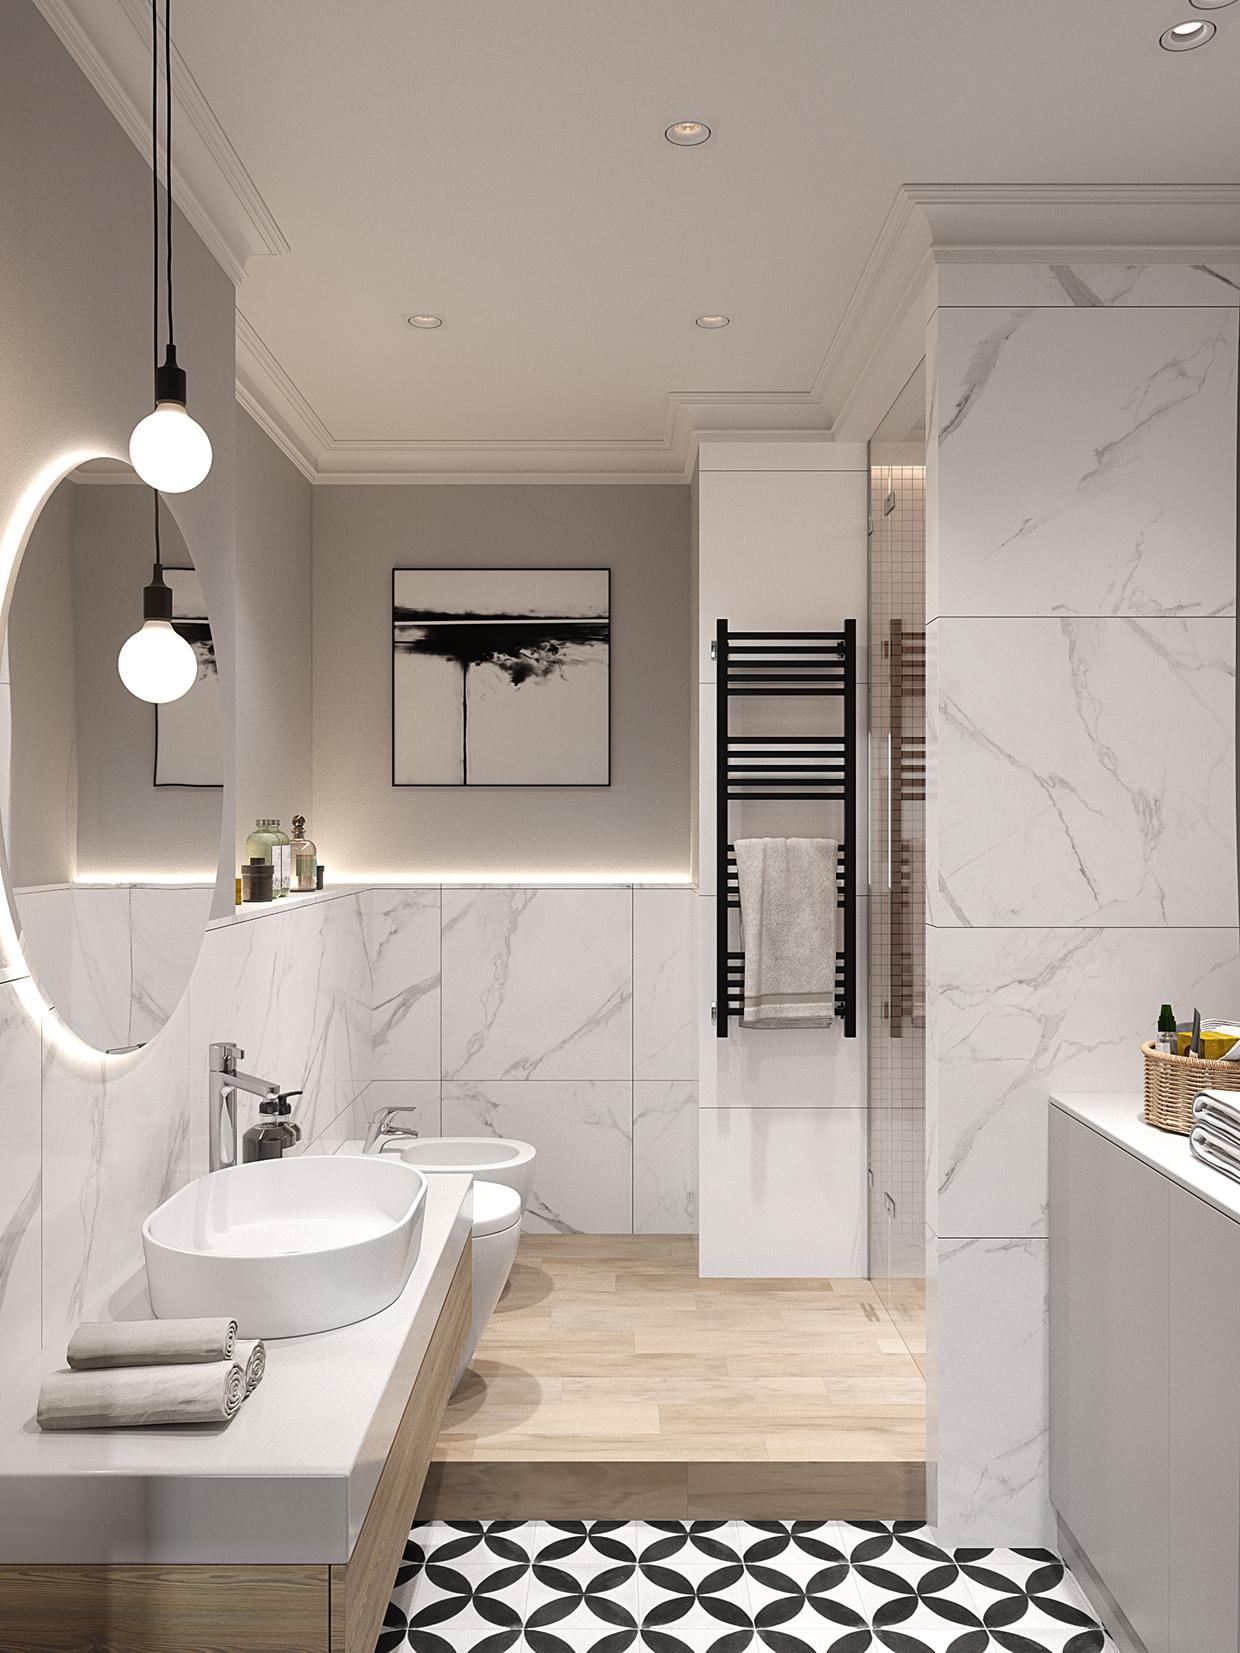 177 besten bath bilder auf pinterest badezimmer bad inspiration und architektur. Black Bedroom Furniture Sets. Home Design Ideas